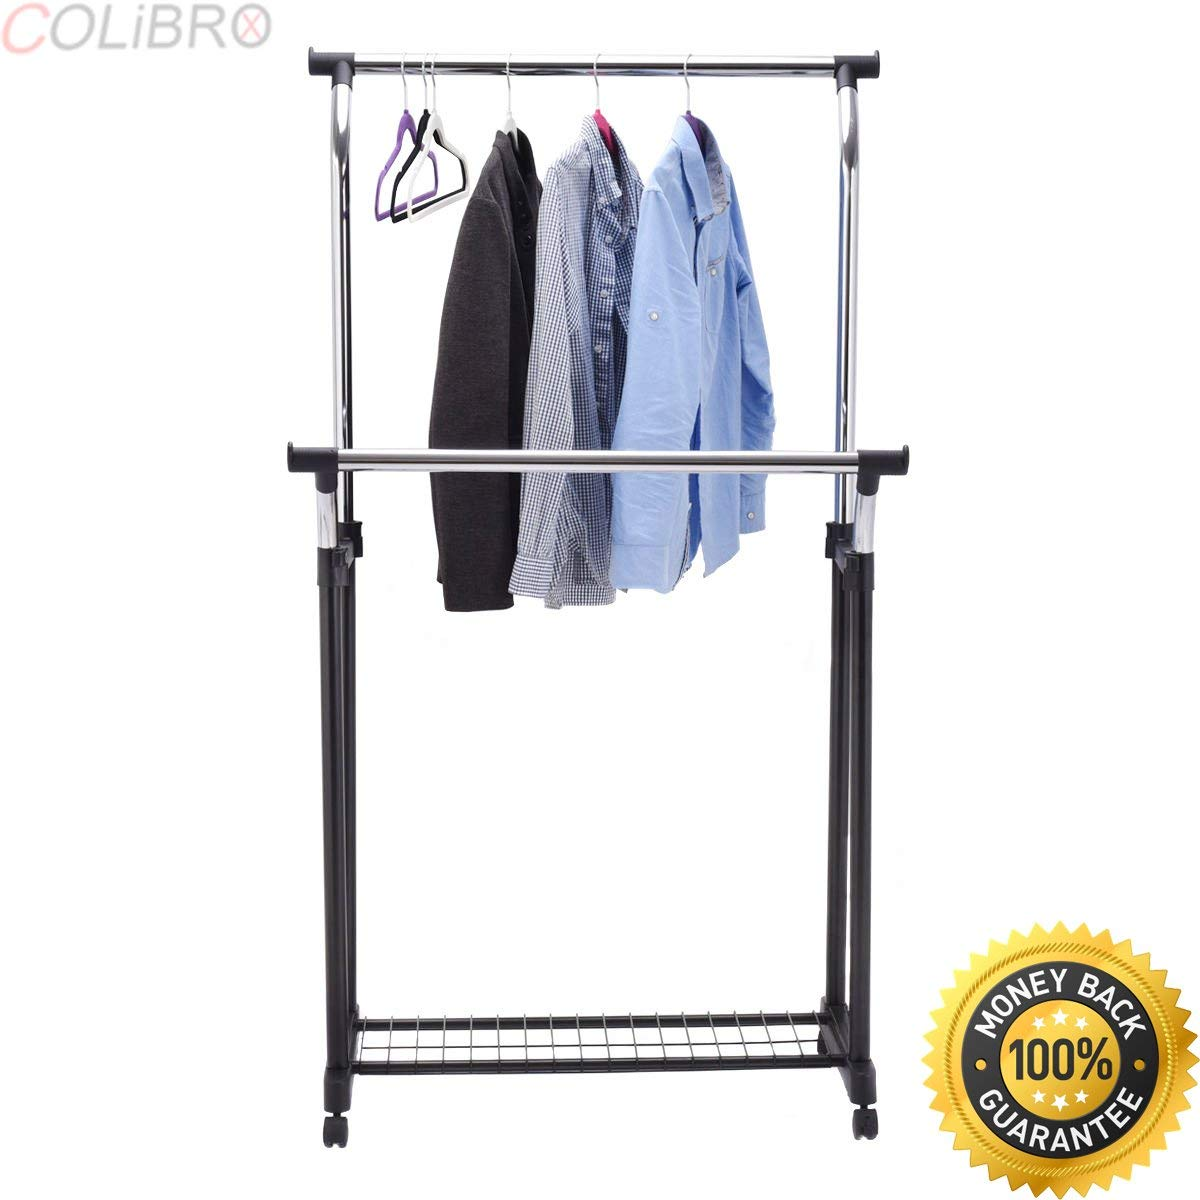 Cheap Rolling Garment Rack Ikea, find Rolling Garment Rack Ikea